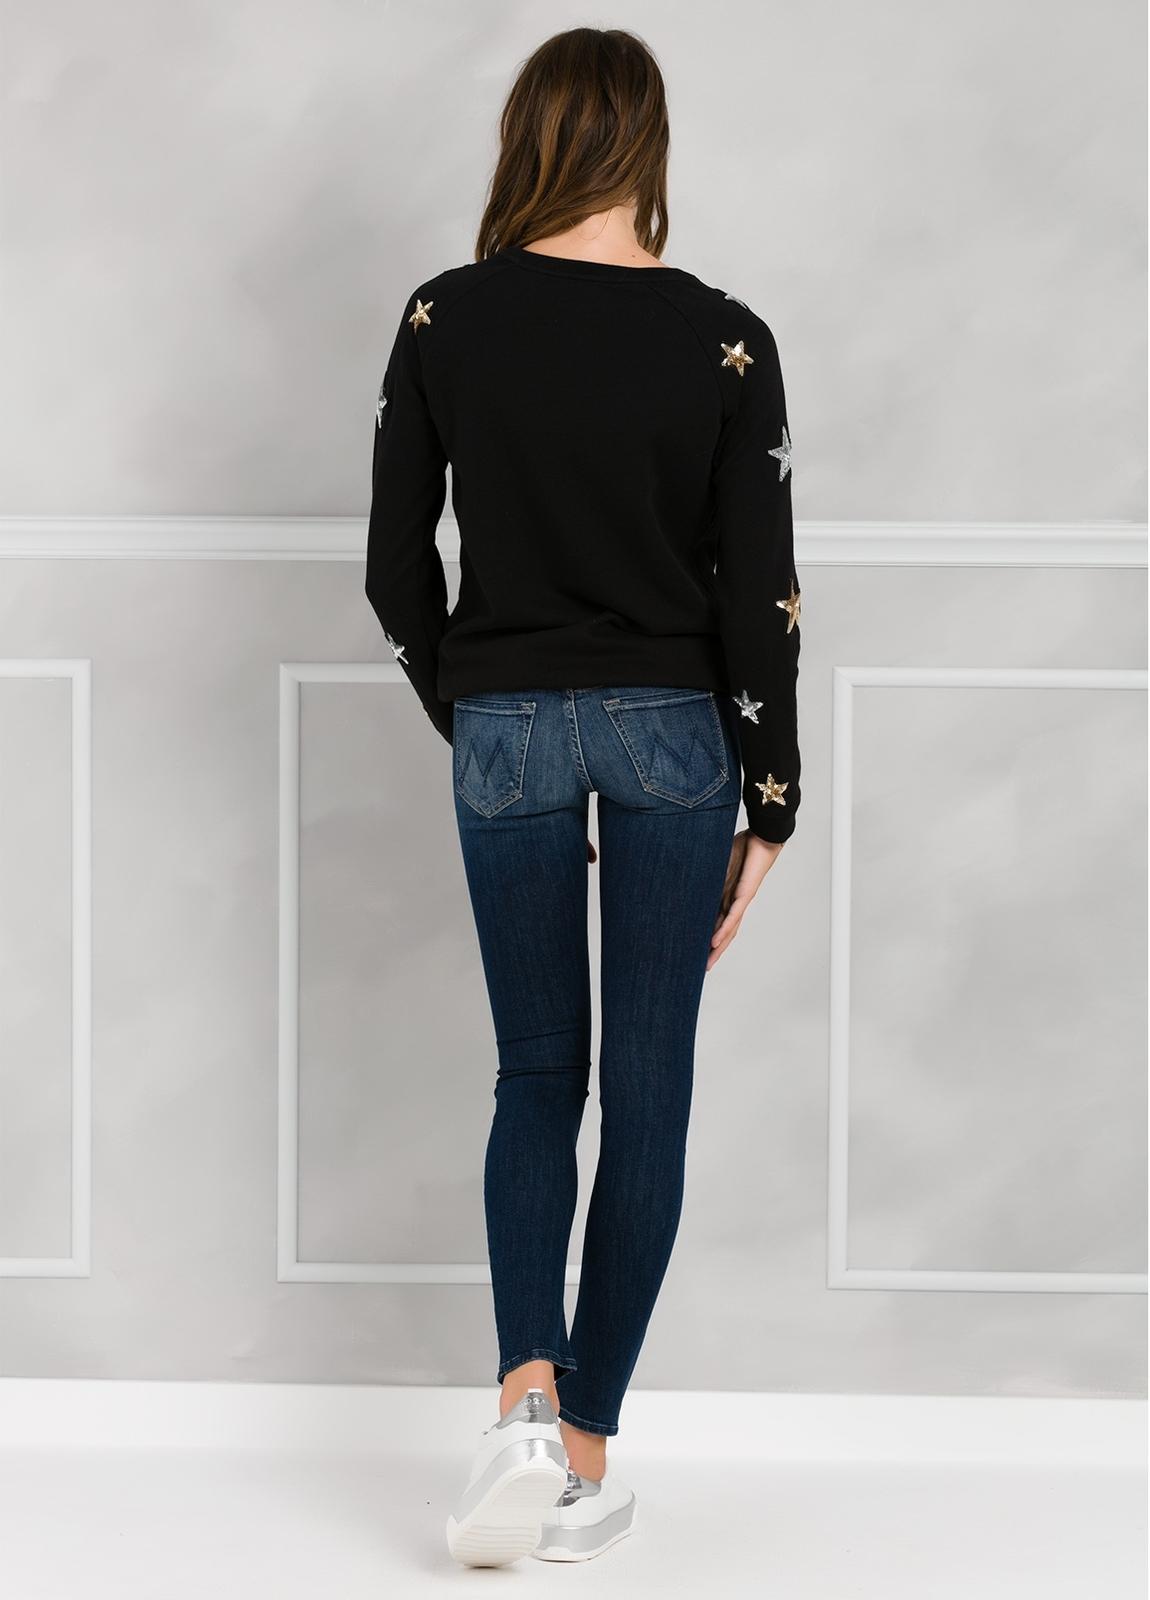 Jersey color negro con estrellas de lentejuelas bordadas. 100% Algodón. - Ítem2